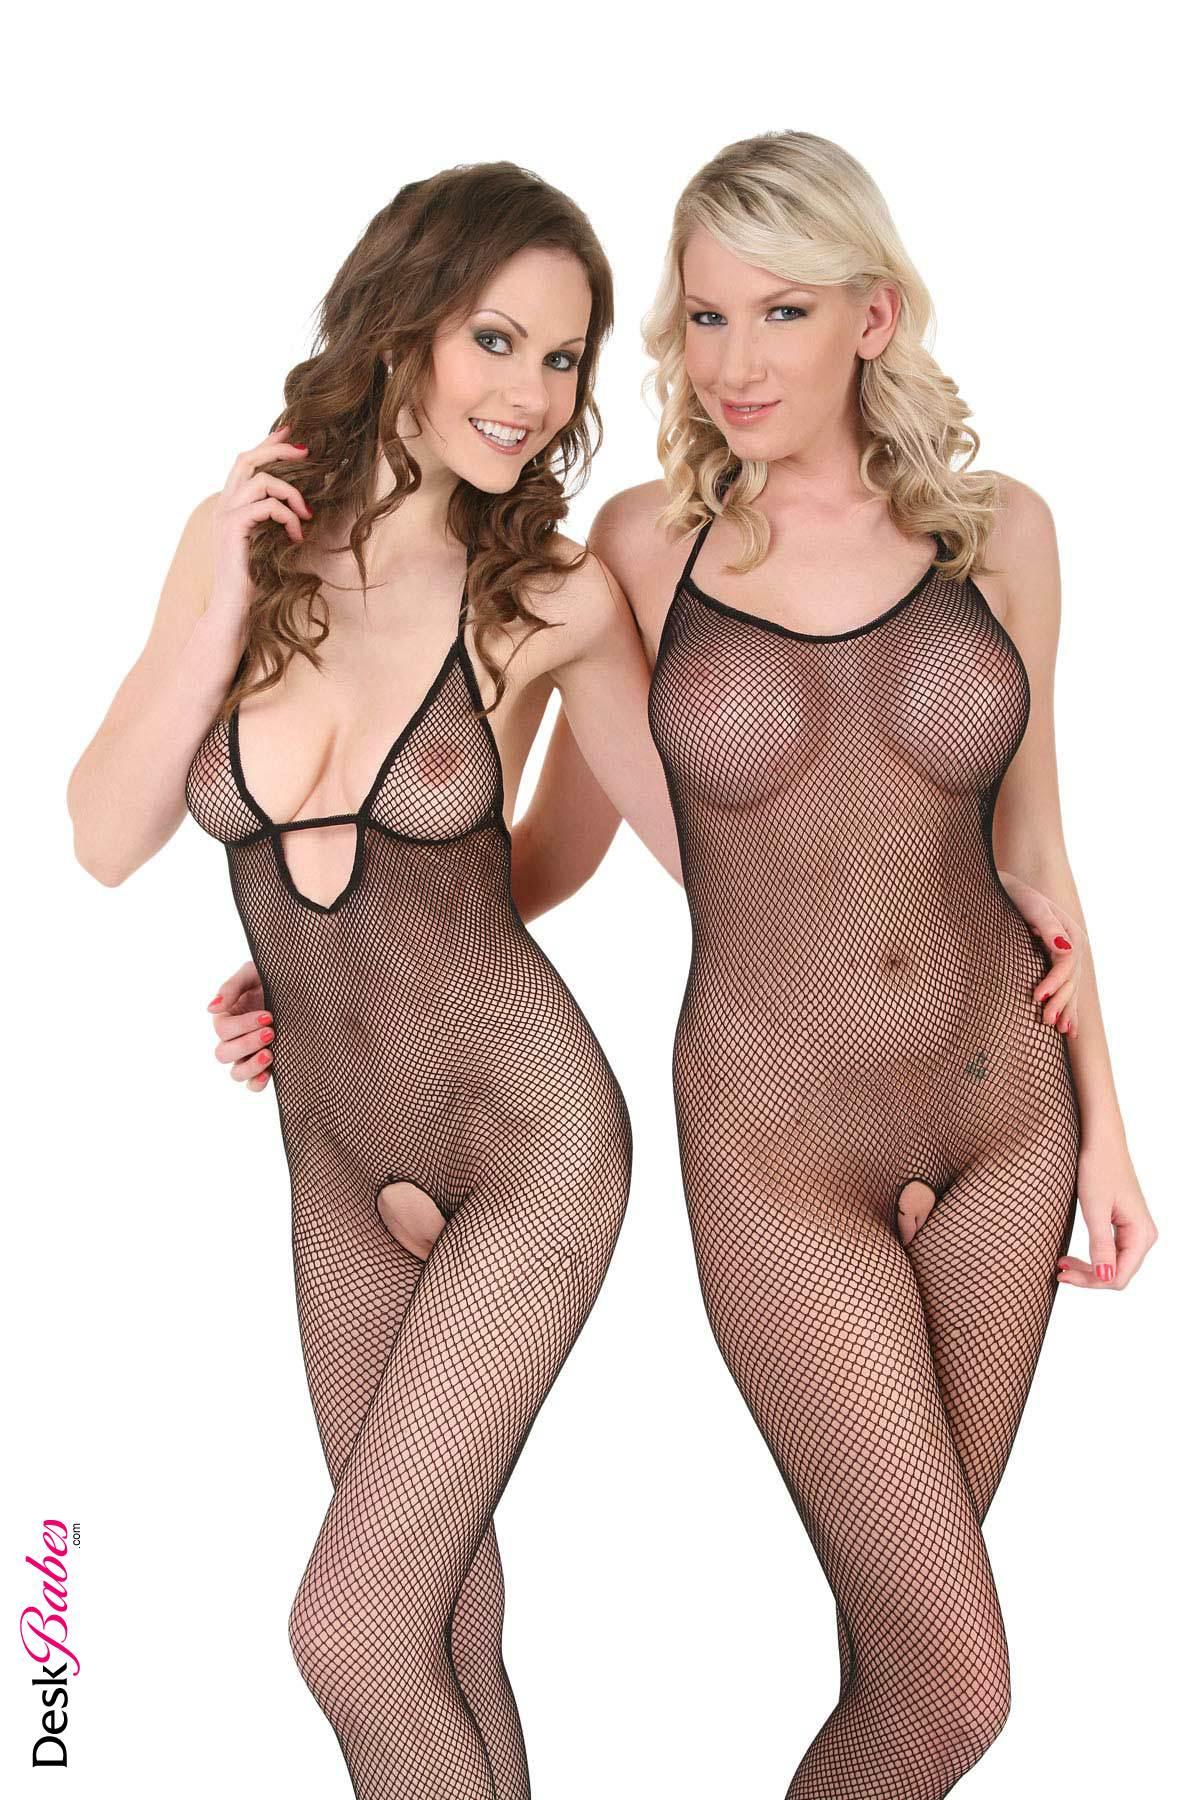 Tina Kay and Danielle Maye